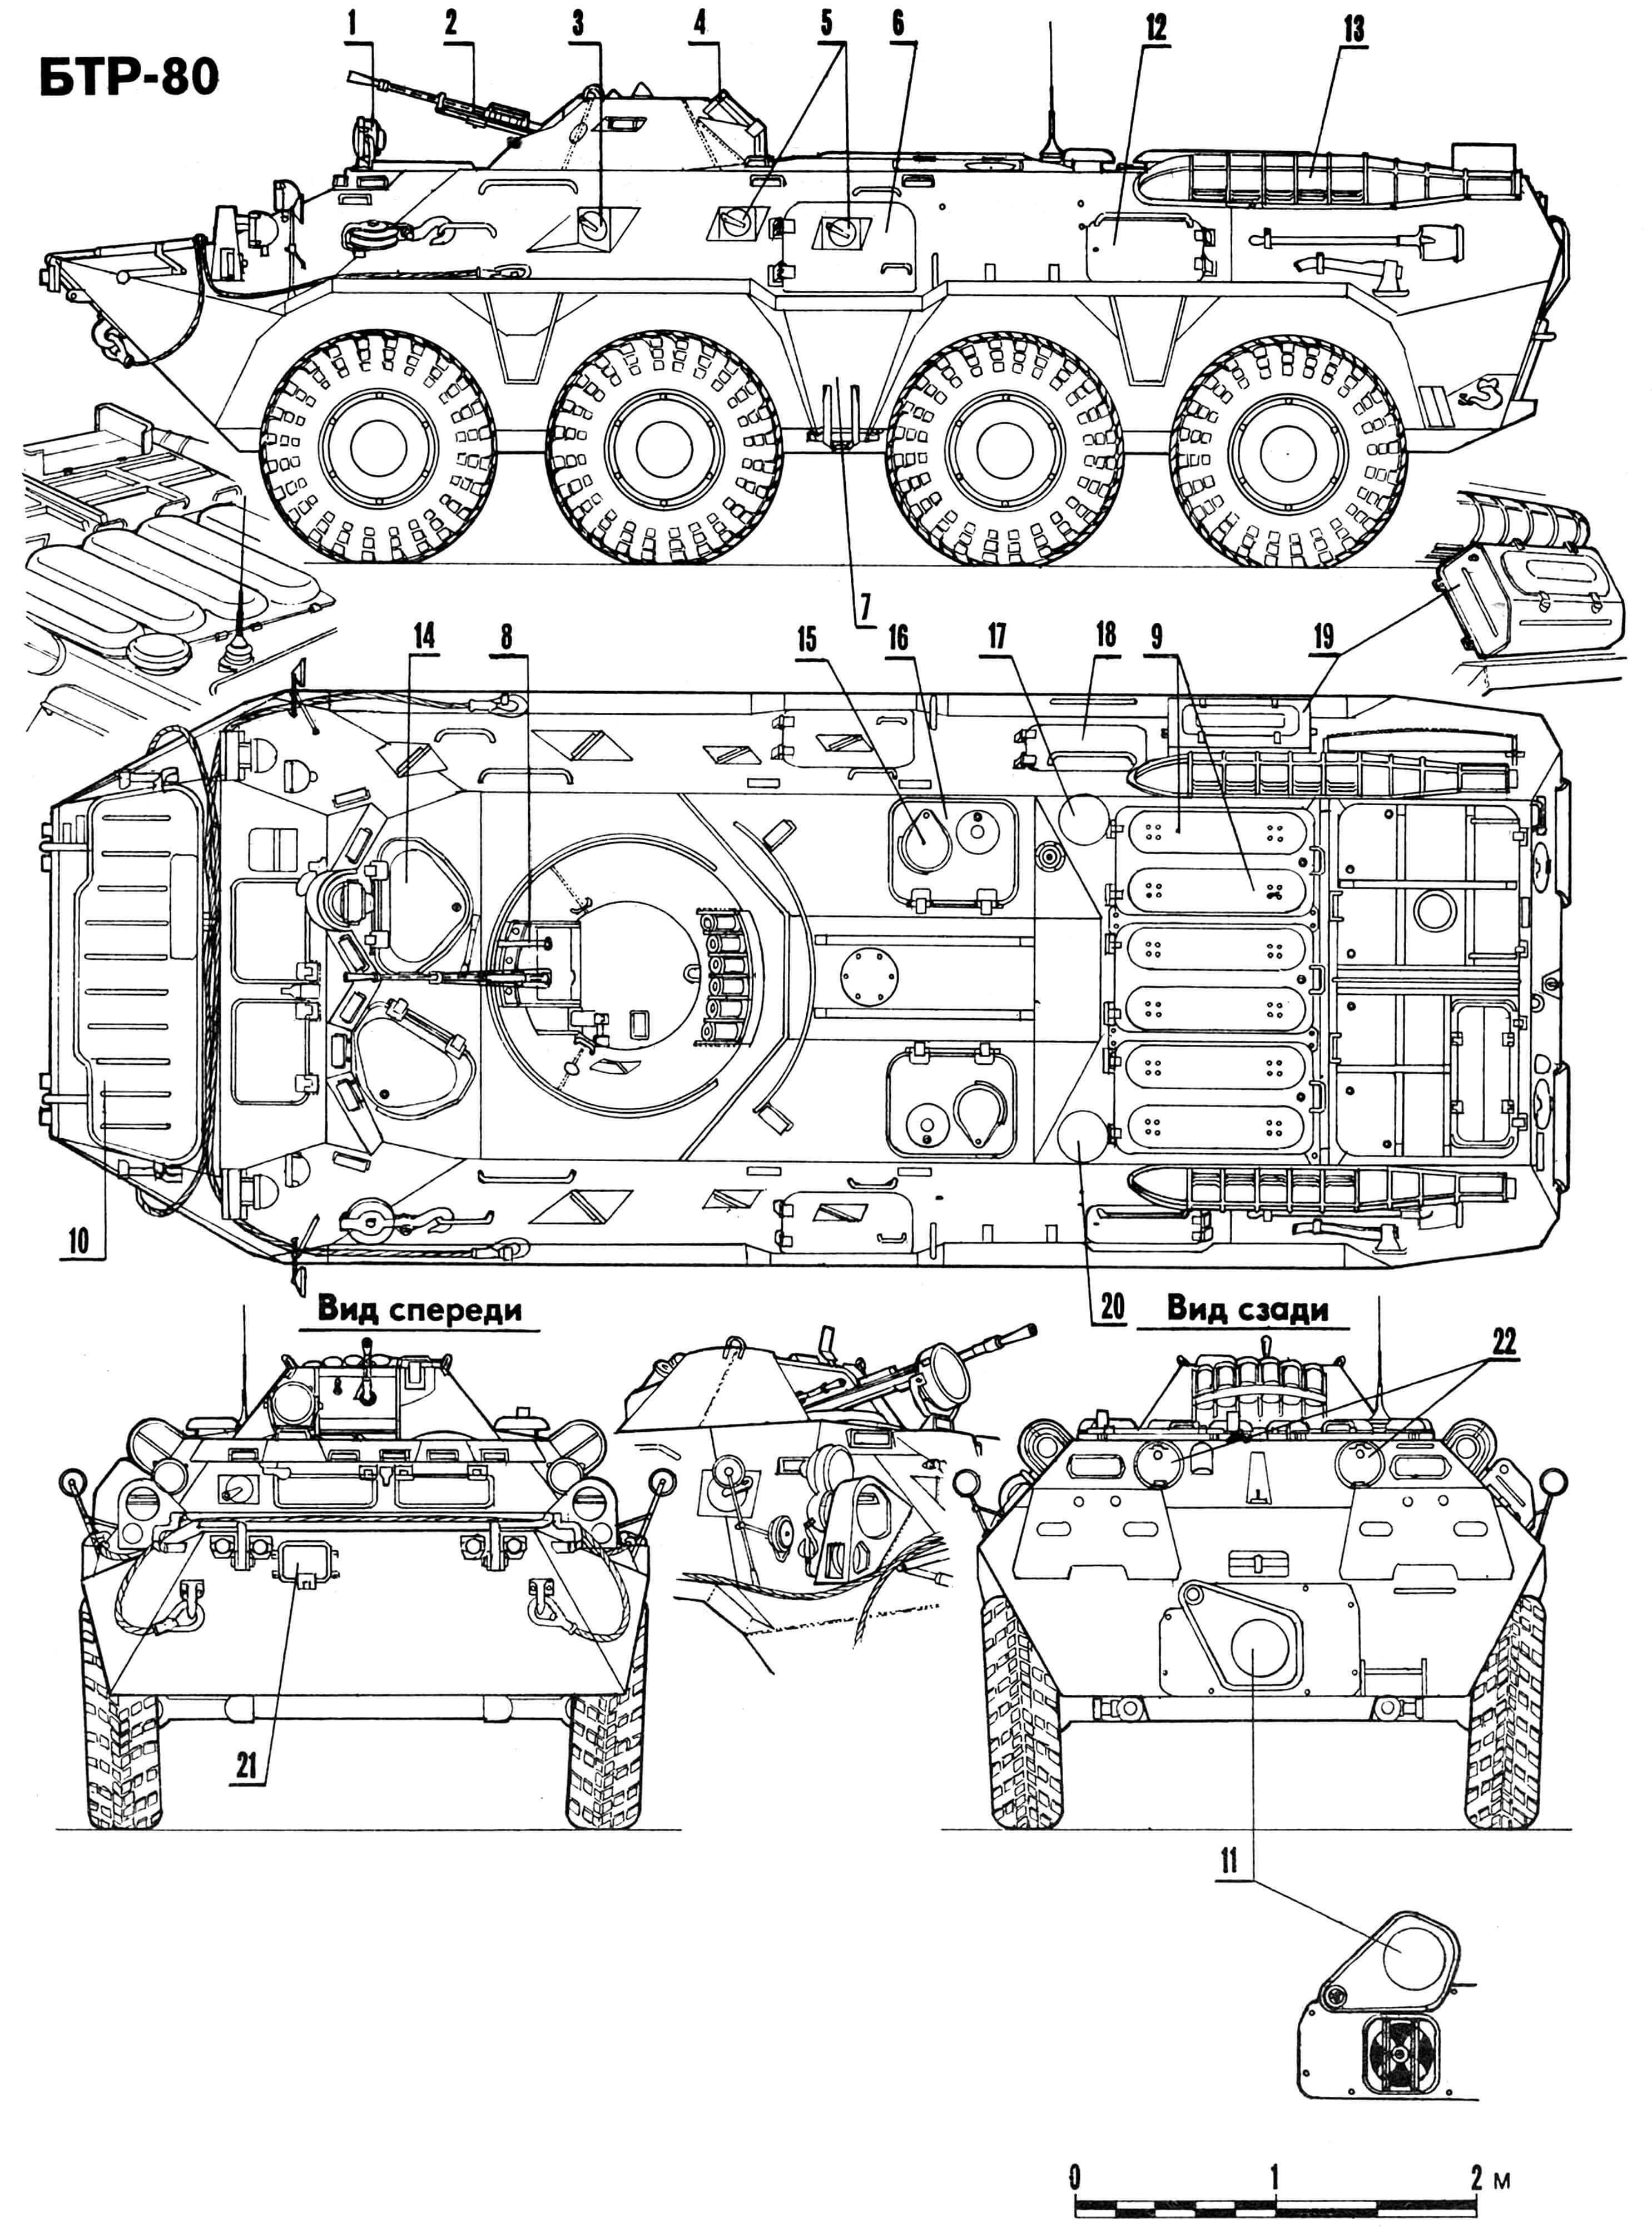 Бронетранспортер БТР-80: 1 — осветитель прибора наблюдения командира, 2 — 14,5-мм крупнокалиберный пулемет КПВТ, 3 — амбразура для стрельбы из пулемета, 4 — пусковая установка системы 902В «Туча», 5 — амбразуры для стрельбы из автоматов, 6 — верхняя створка двери бокового люка, 7 — нижняя створка двери бокового люка, 8 — 7,62-мм пулемет ПКТ, 9 — крышки воздухопритоков, 10 — волноотражательный щиток, 11 — заслонка водометного движителя, 12 — крышка люка ФВУ, 13 — наружный кожух глушителя и эжектора, 14 — крышка люка командира, 15 — крышка лючка для стрельбы из автомата, 16 — крышка верхнего люка боевого отделения, 17 — колпак воздухозаборника двигателя при работе на плаву, 18 — крышка ниши для аккумуляторных батарей, 19 — ящик ЗИП, 20 — колпак воздухозаборника ФВУ, 21 — крышка люка выдачи троса лебедки, 22 — крышки заправочных горловин топливных баков.